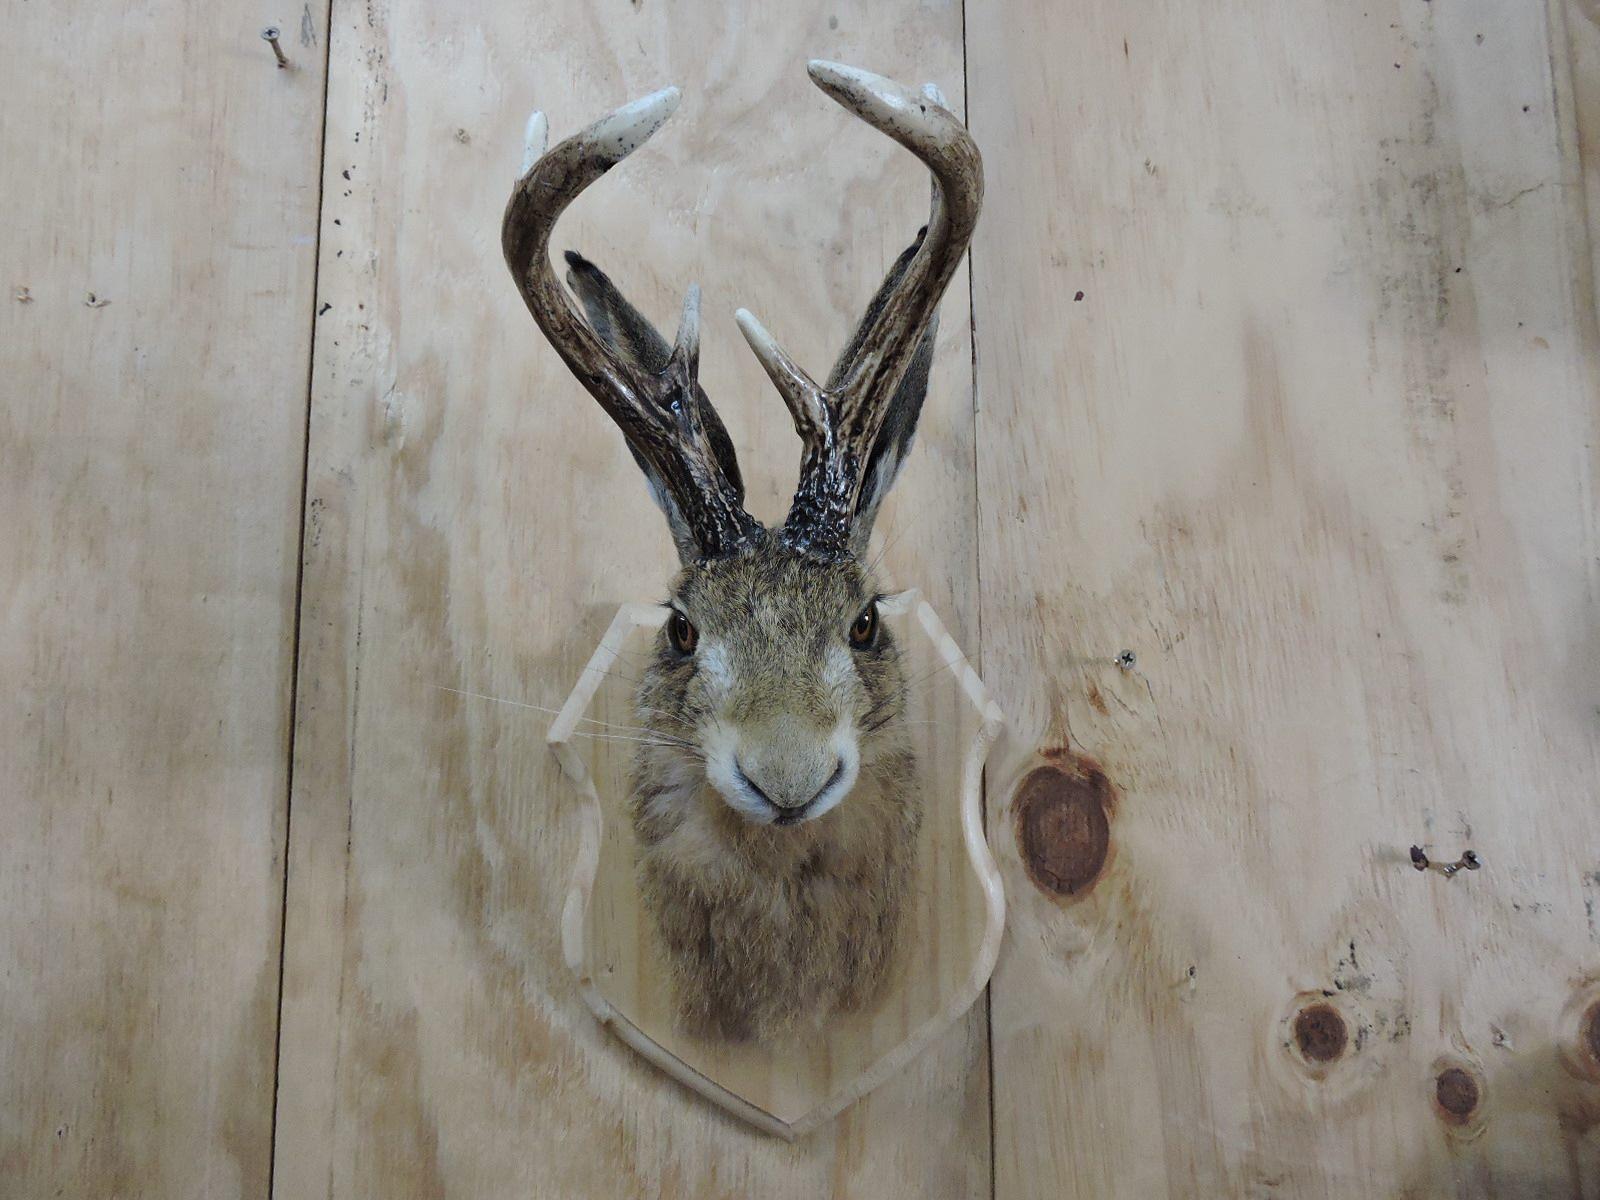 buck bunny front